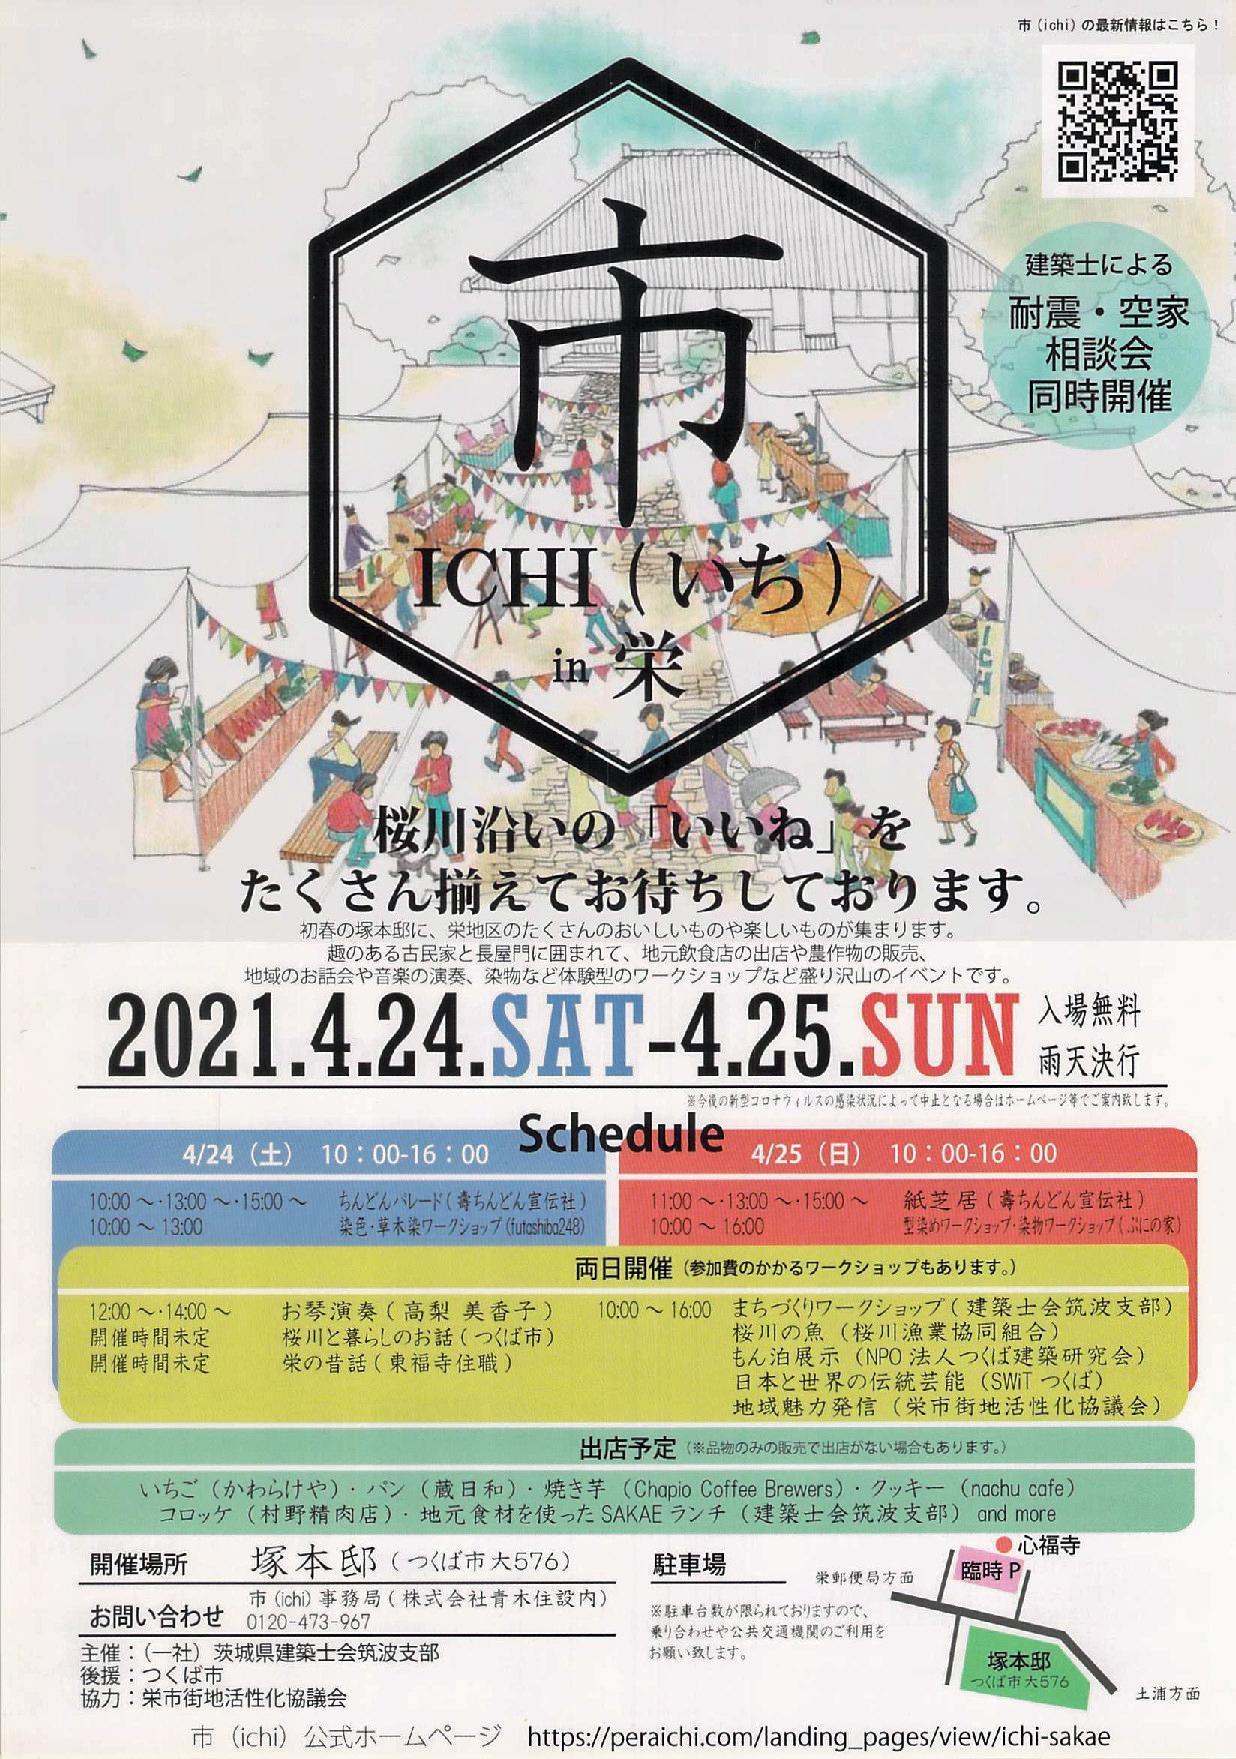 茨城県建築士会イベント1